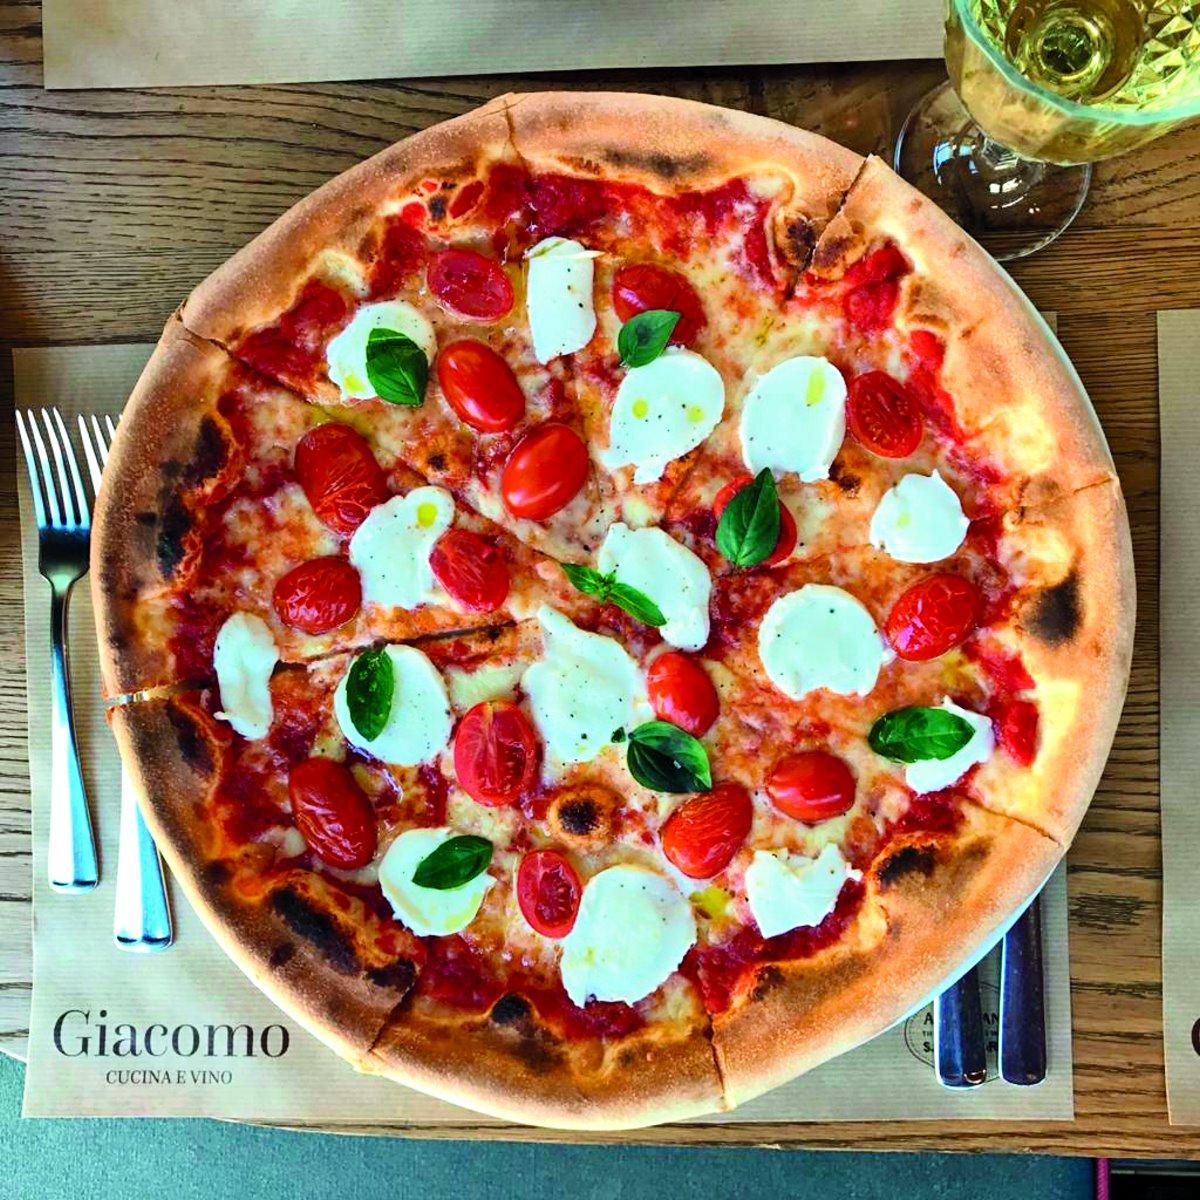 Πίτσα στο Giacomo Cucina e Vino